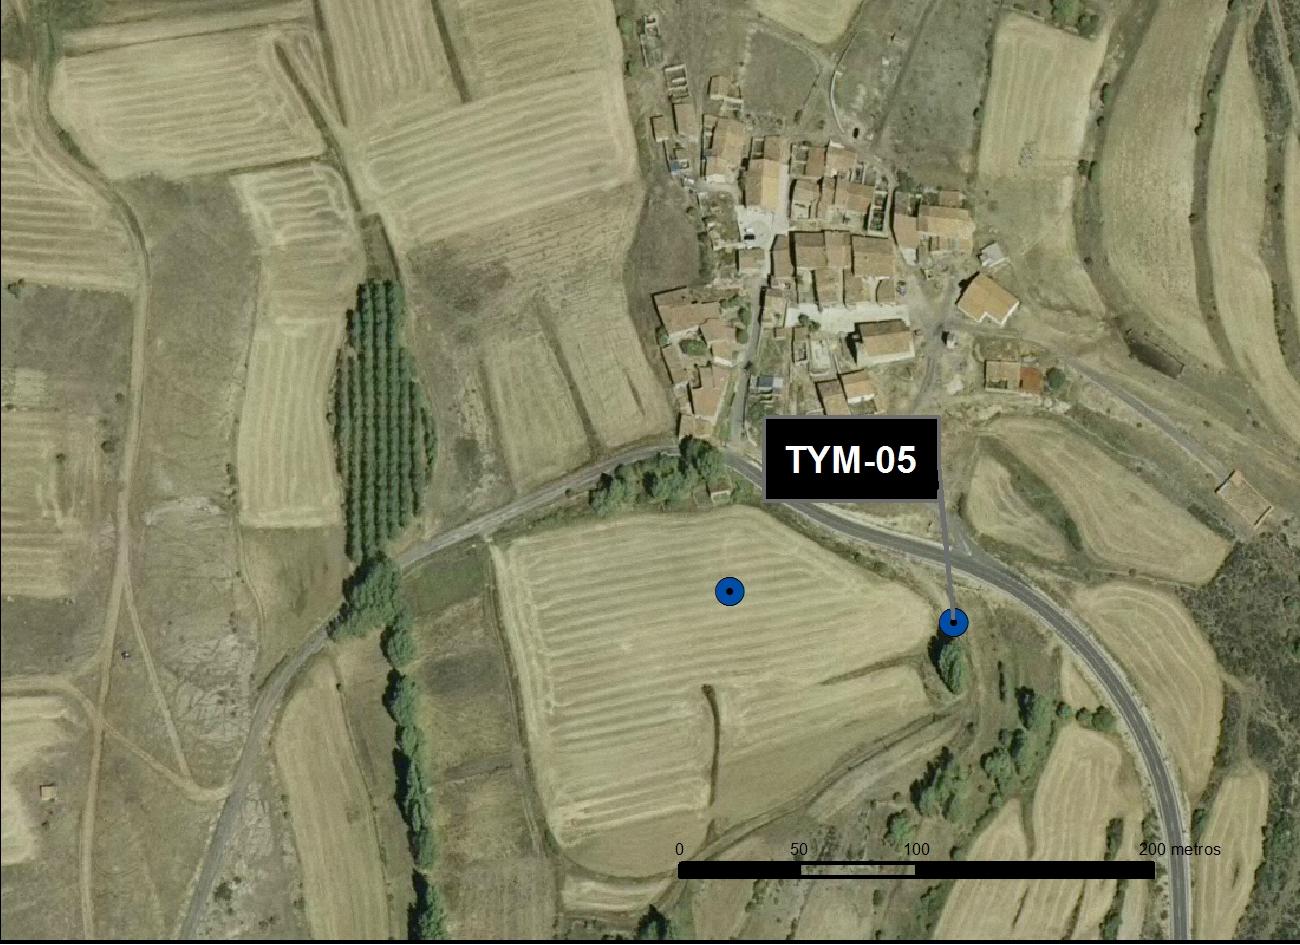 TYM_05_M.V.LOZANO_GAMELLONCILLO_ORTO 1